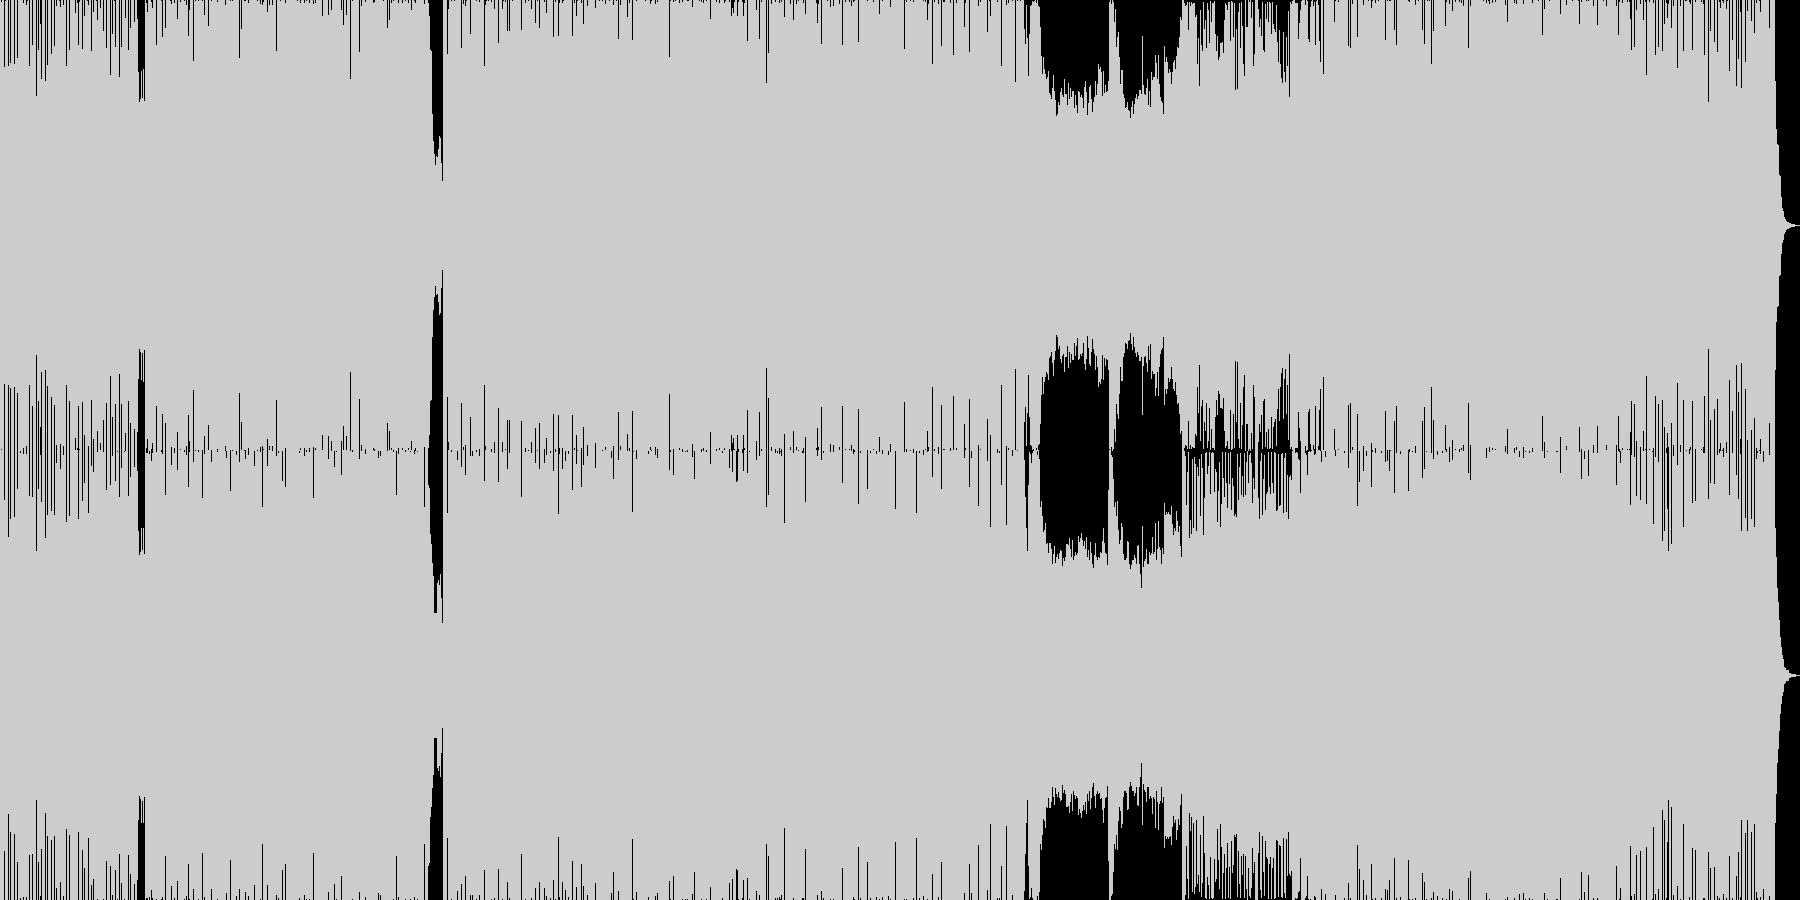 勢いと透明感のあるドラムンベース。の未再生の波形